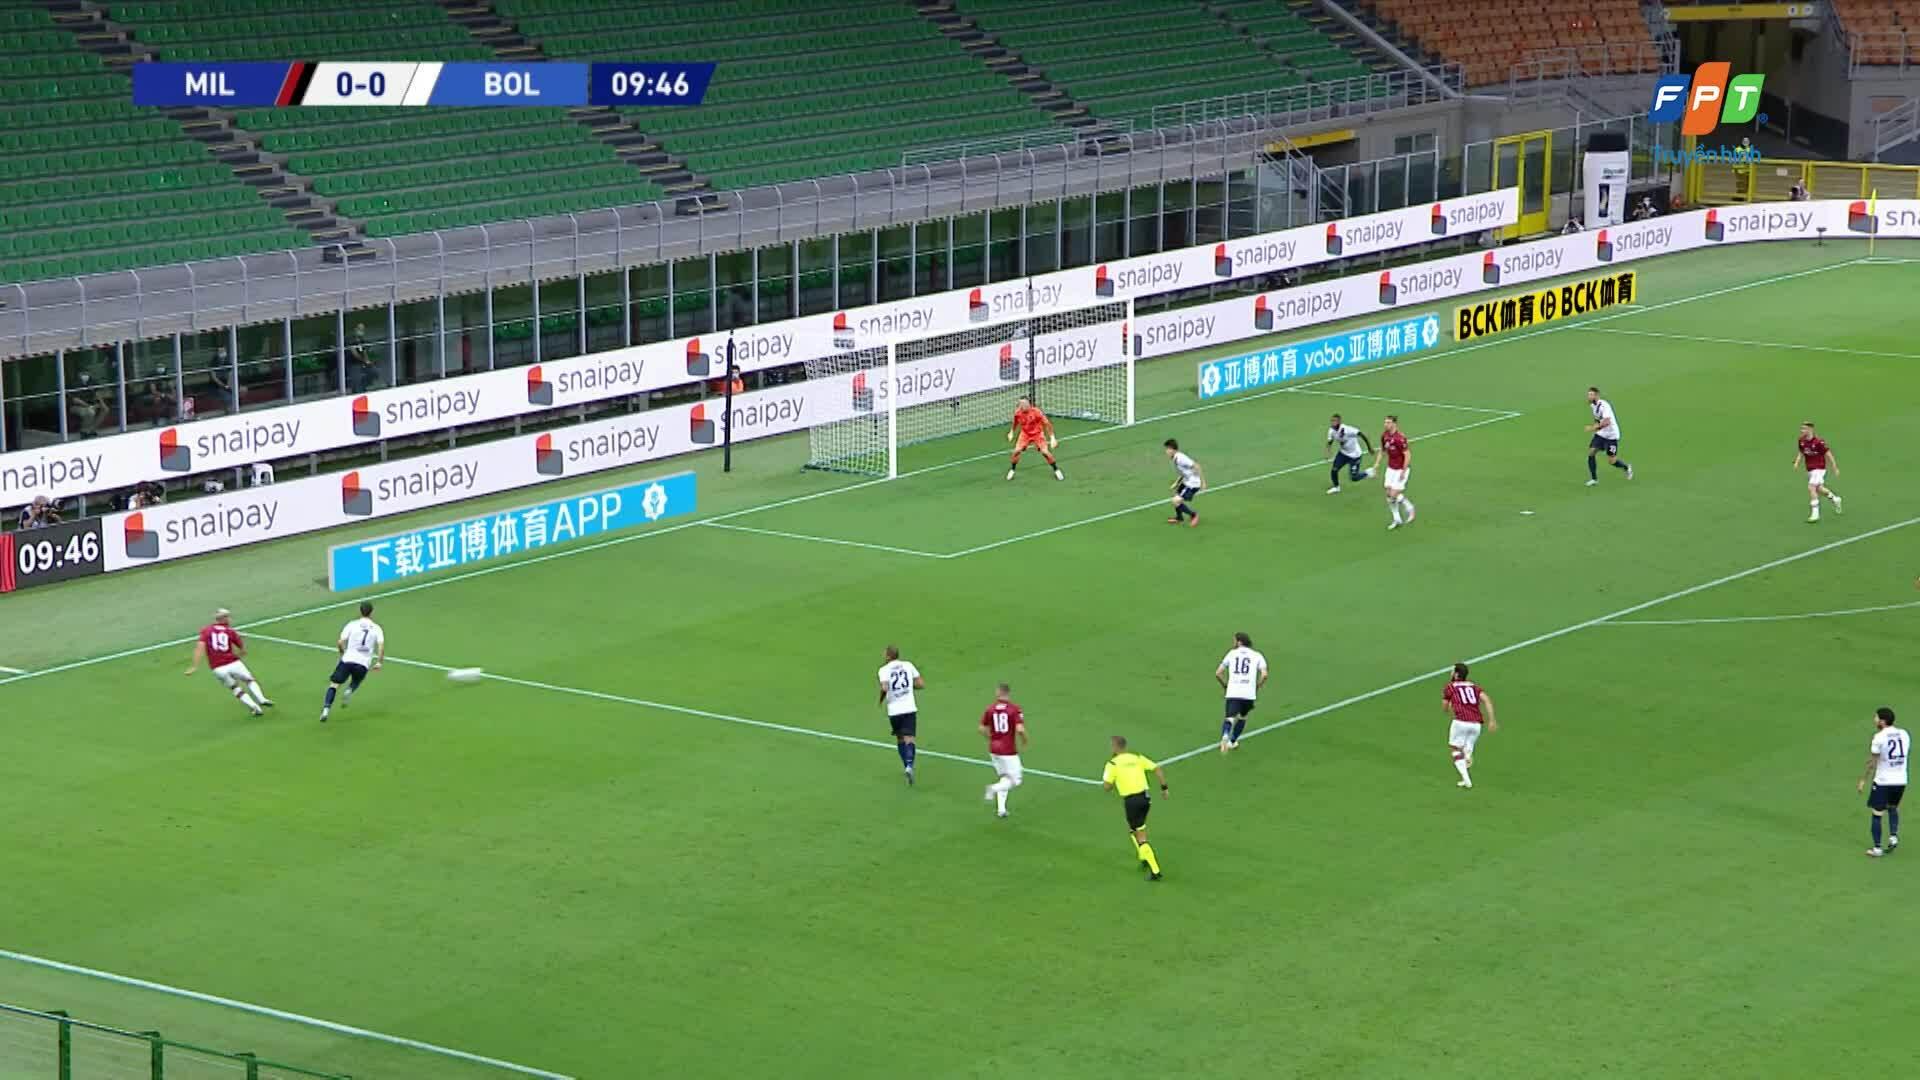 Milan 5-1 Bologna